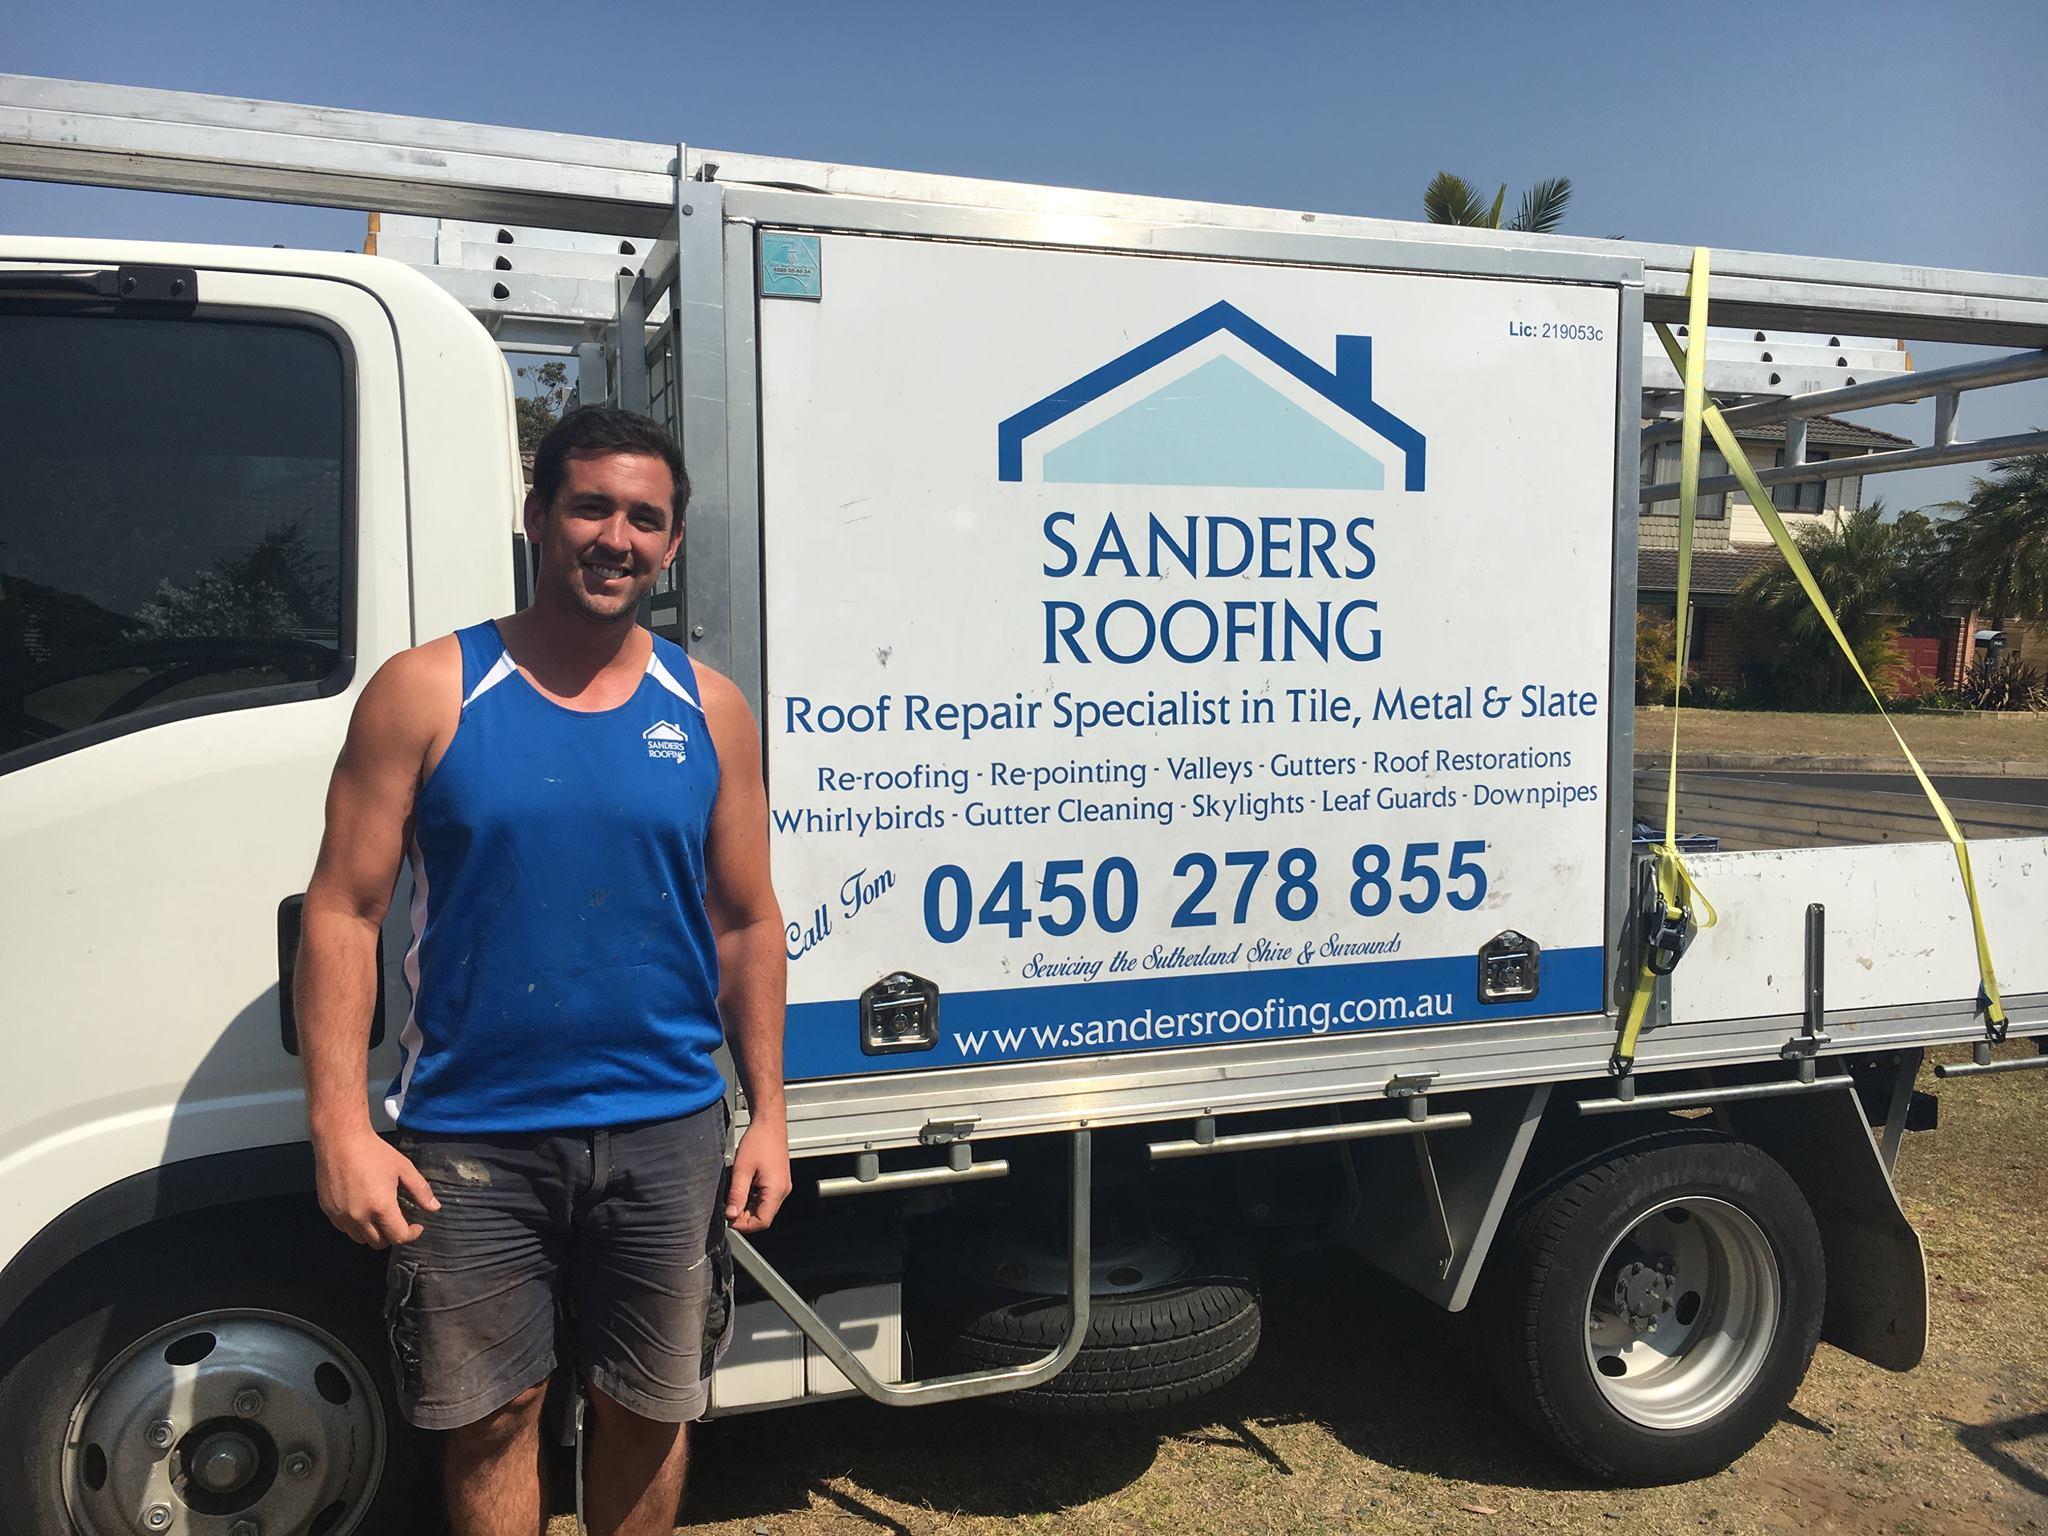 Sanders-Roofing-Tom